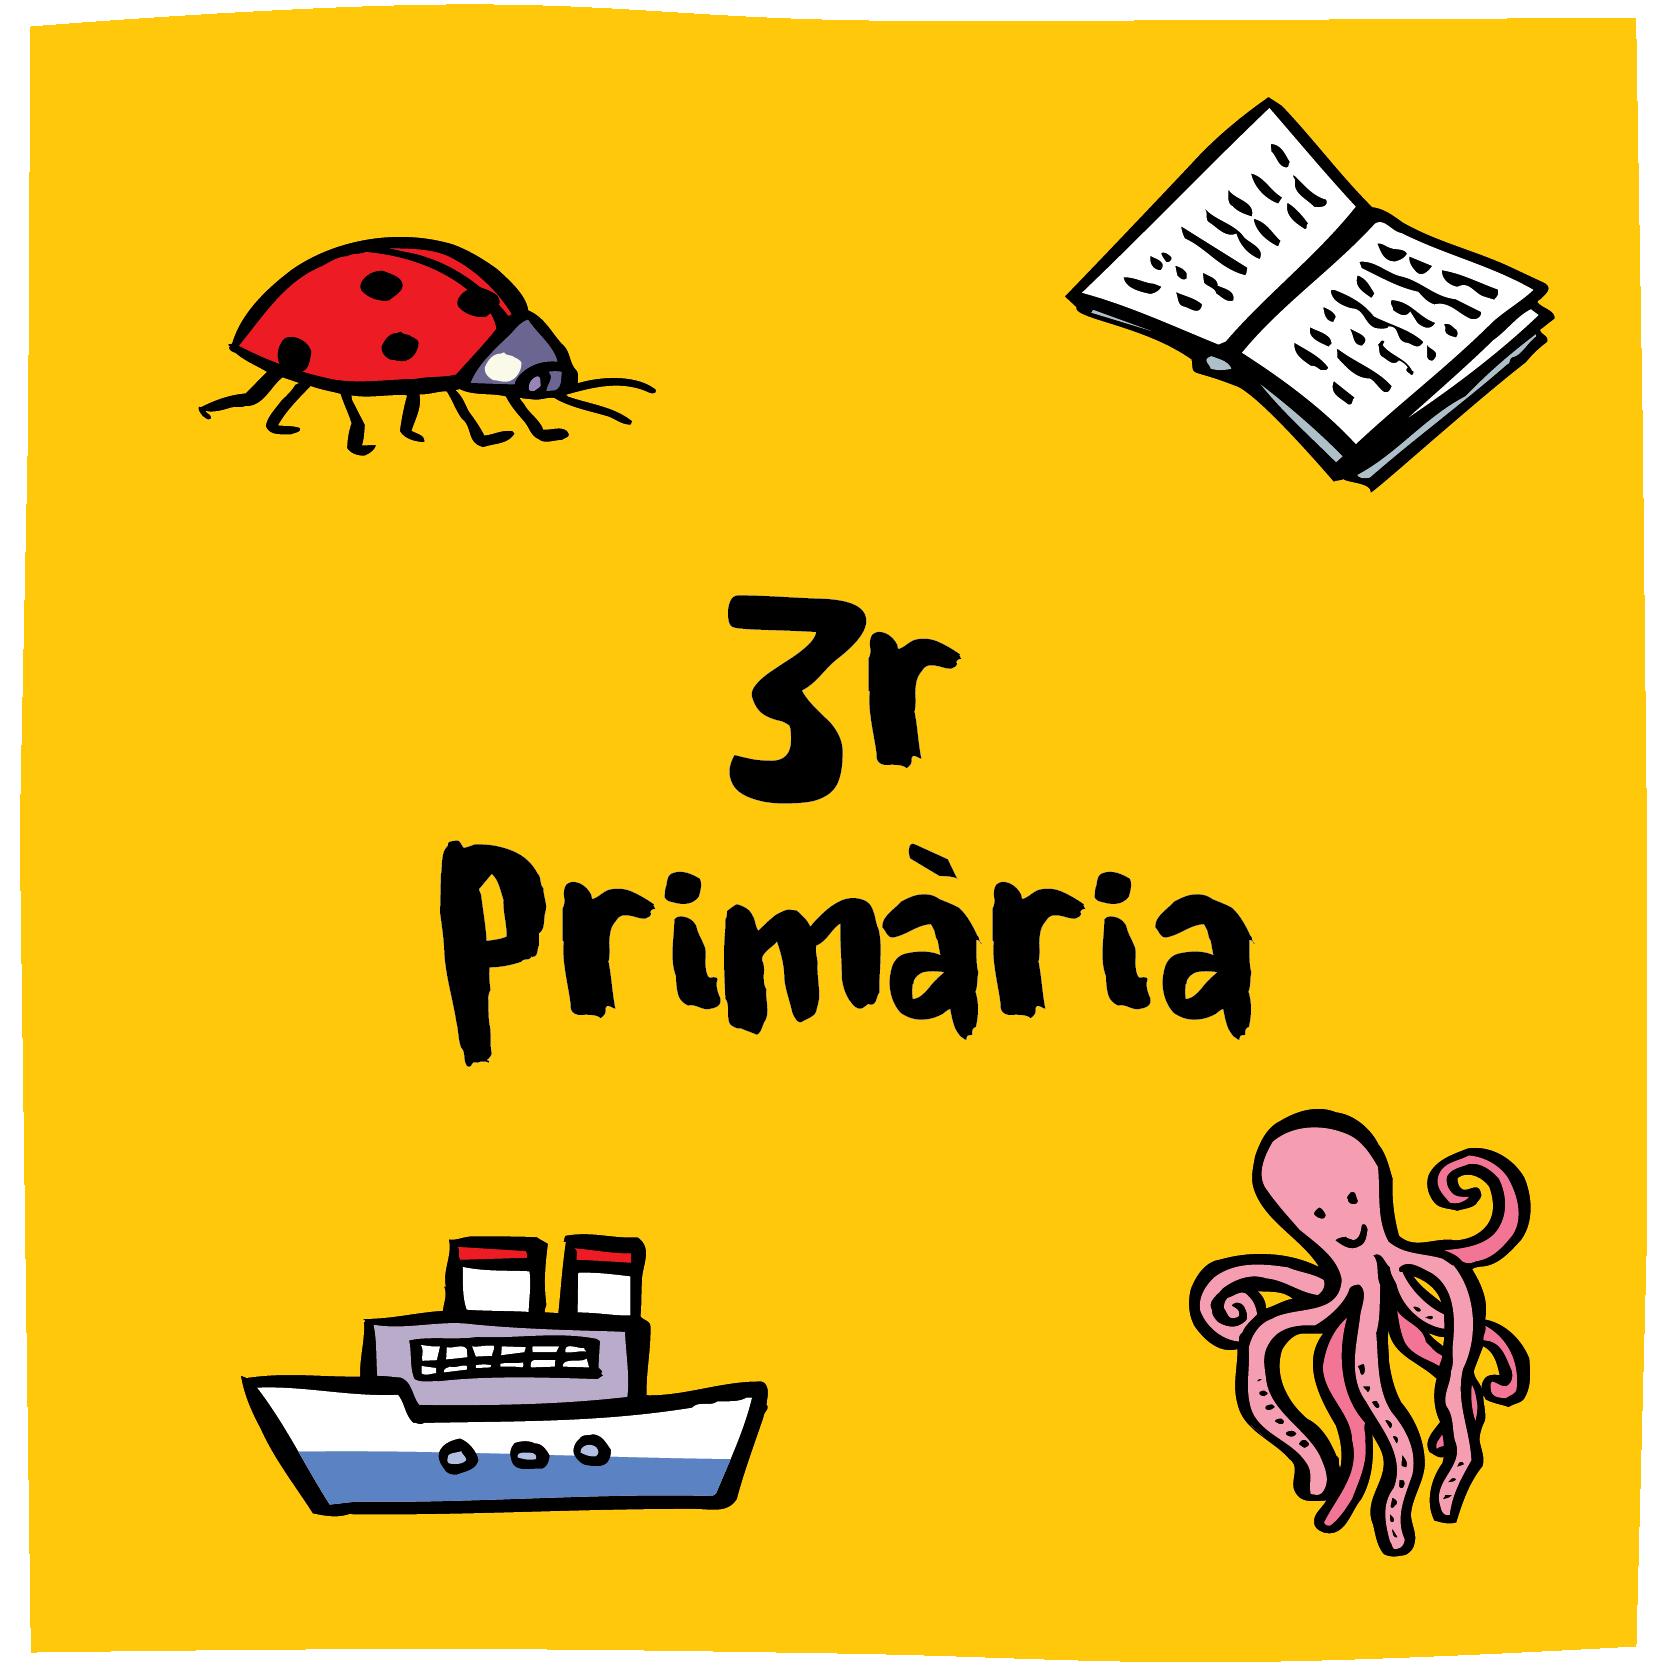 OBN 3r Primària